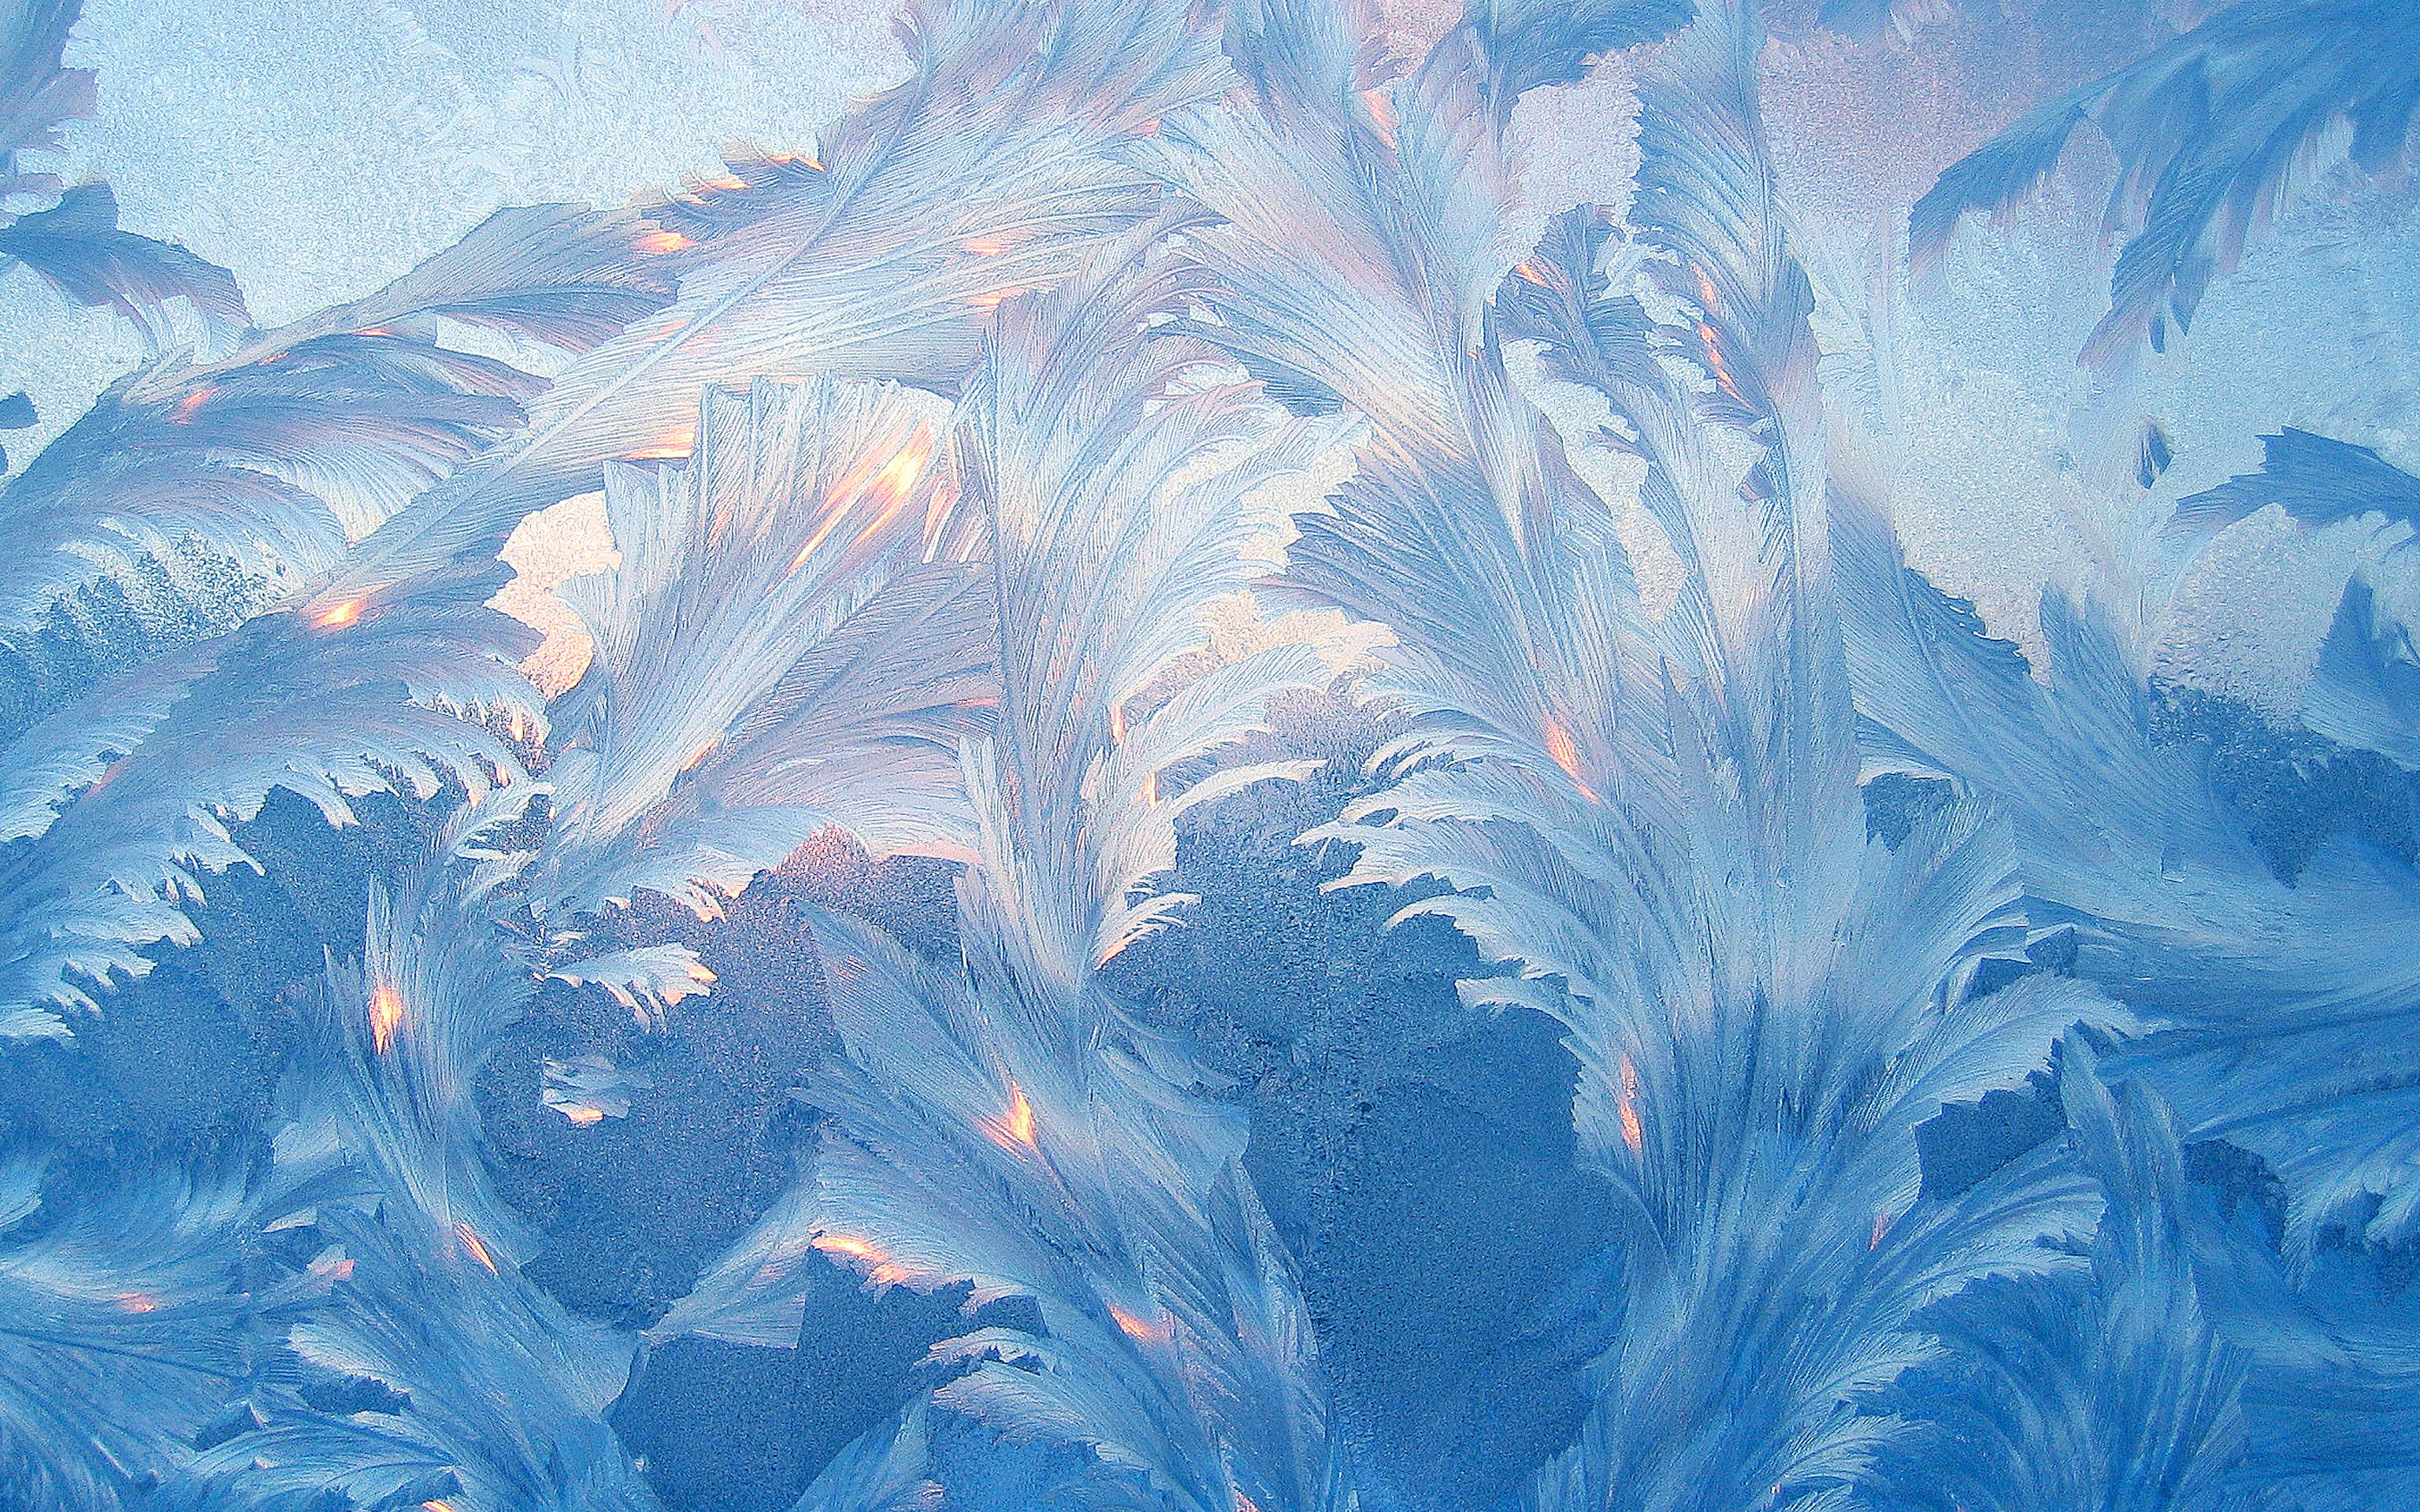 морозные узоры картинка правильно